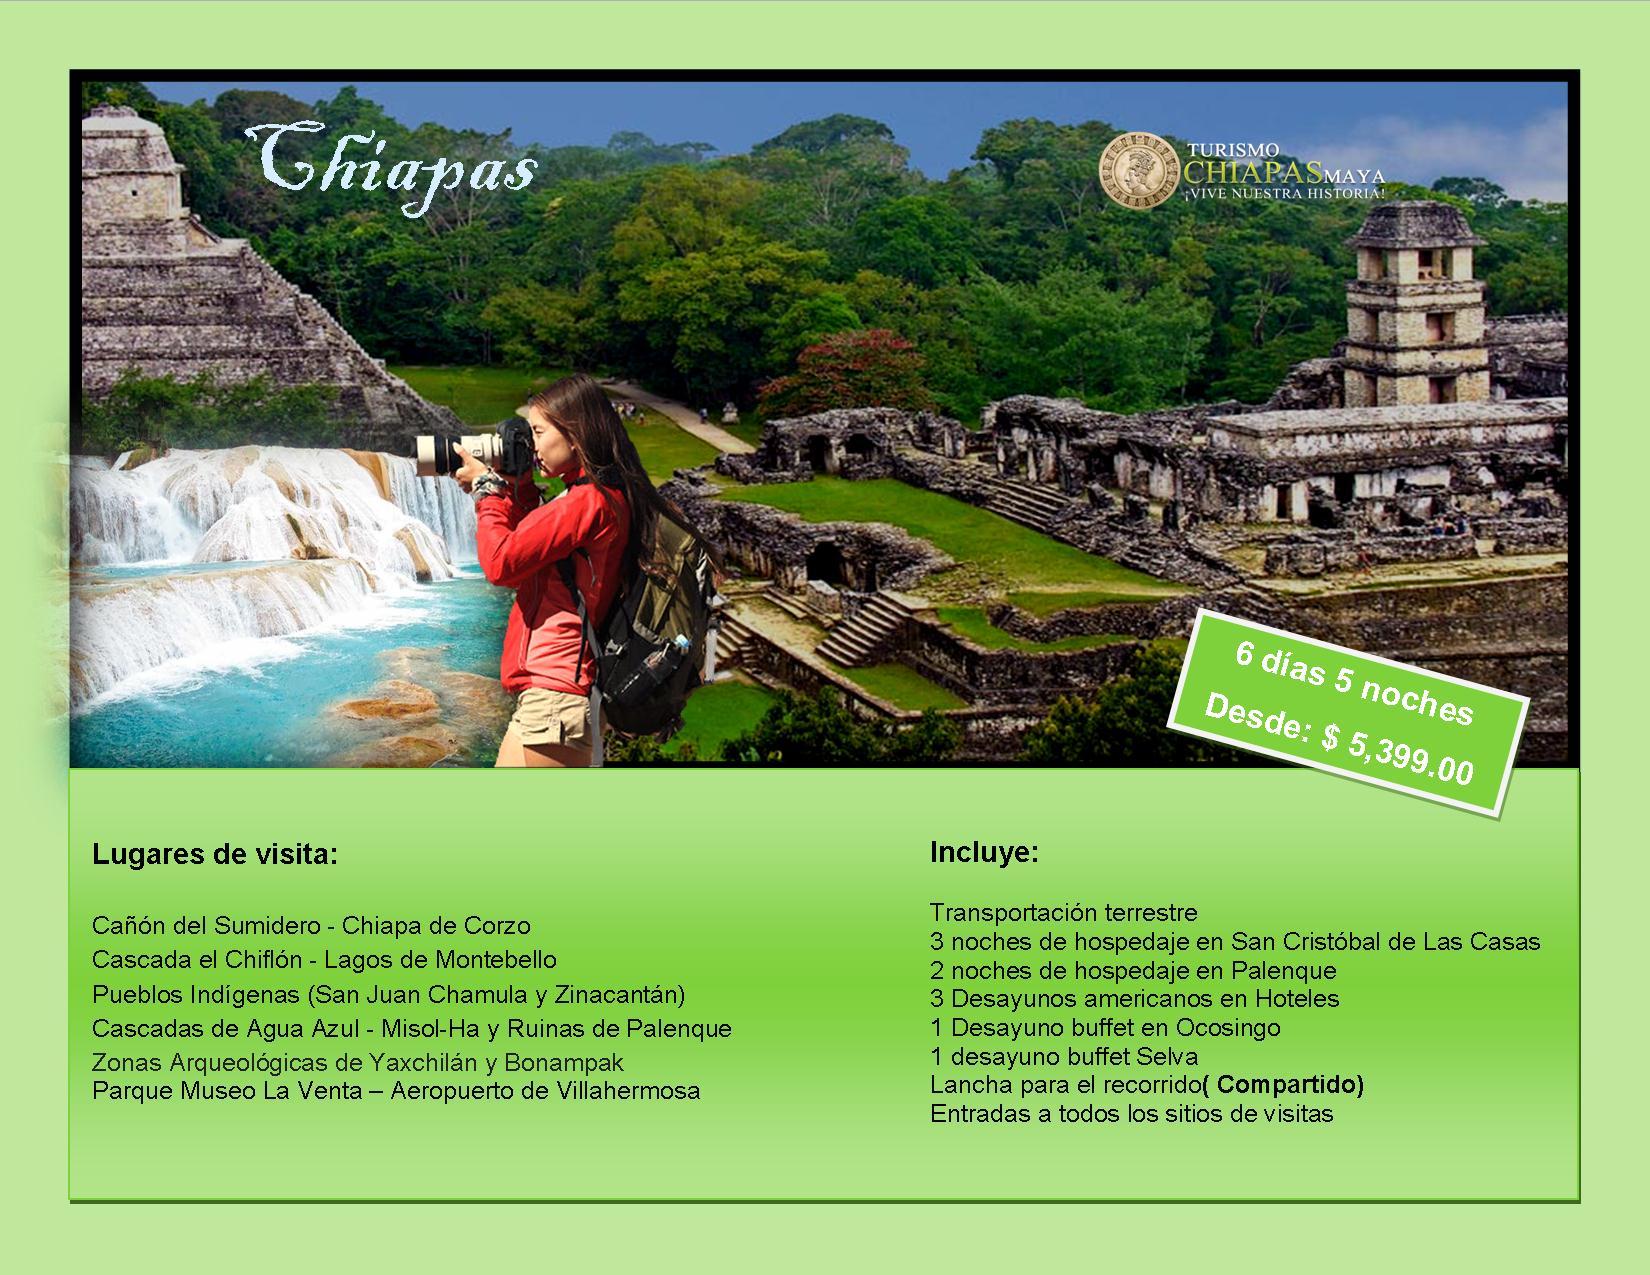 Foto de Agencia de Viajes & Tour Operador  - Turismo Chiapas Maya Tuxtla Gutiérrez